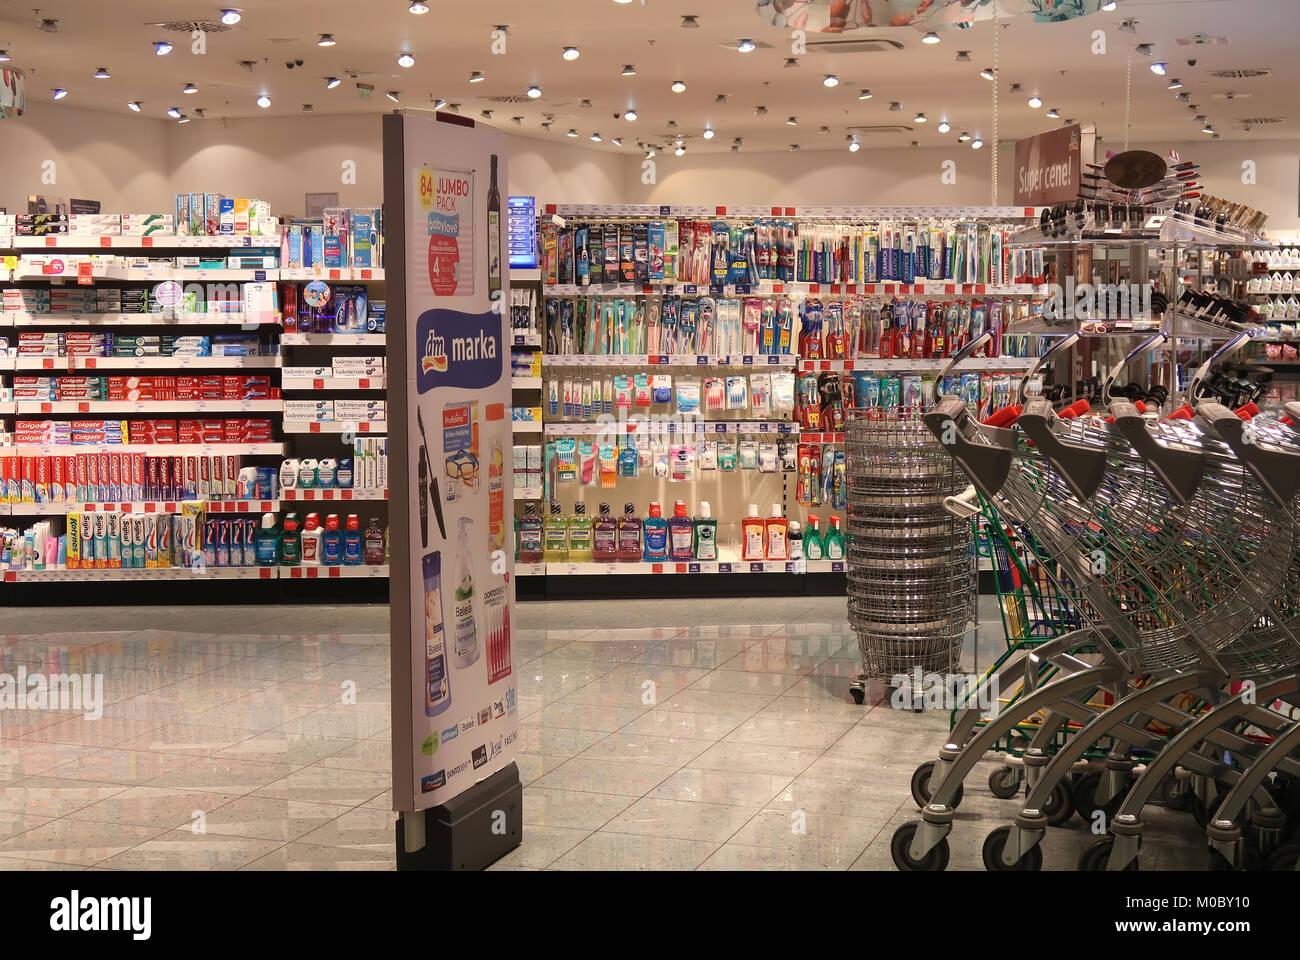 DM Drogerie Markt Banque D Images, Photo Stock  172366348 - Alamy c8a85e5cdb2f